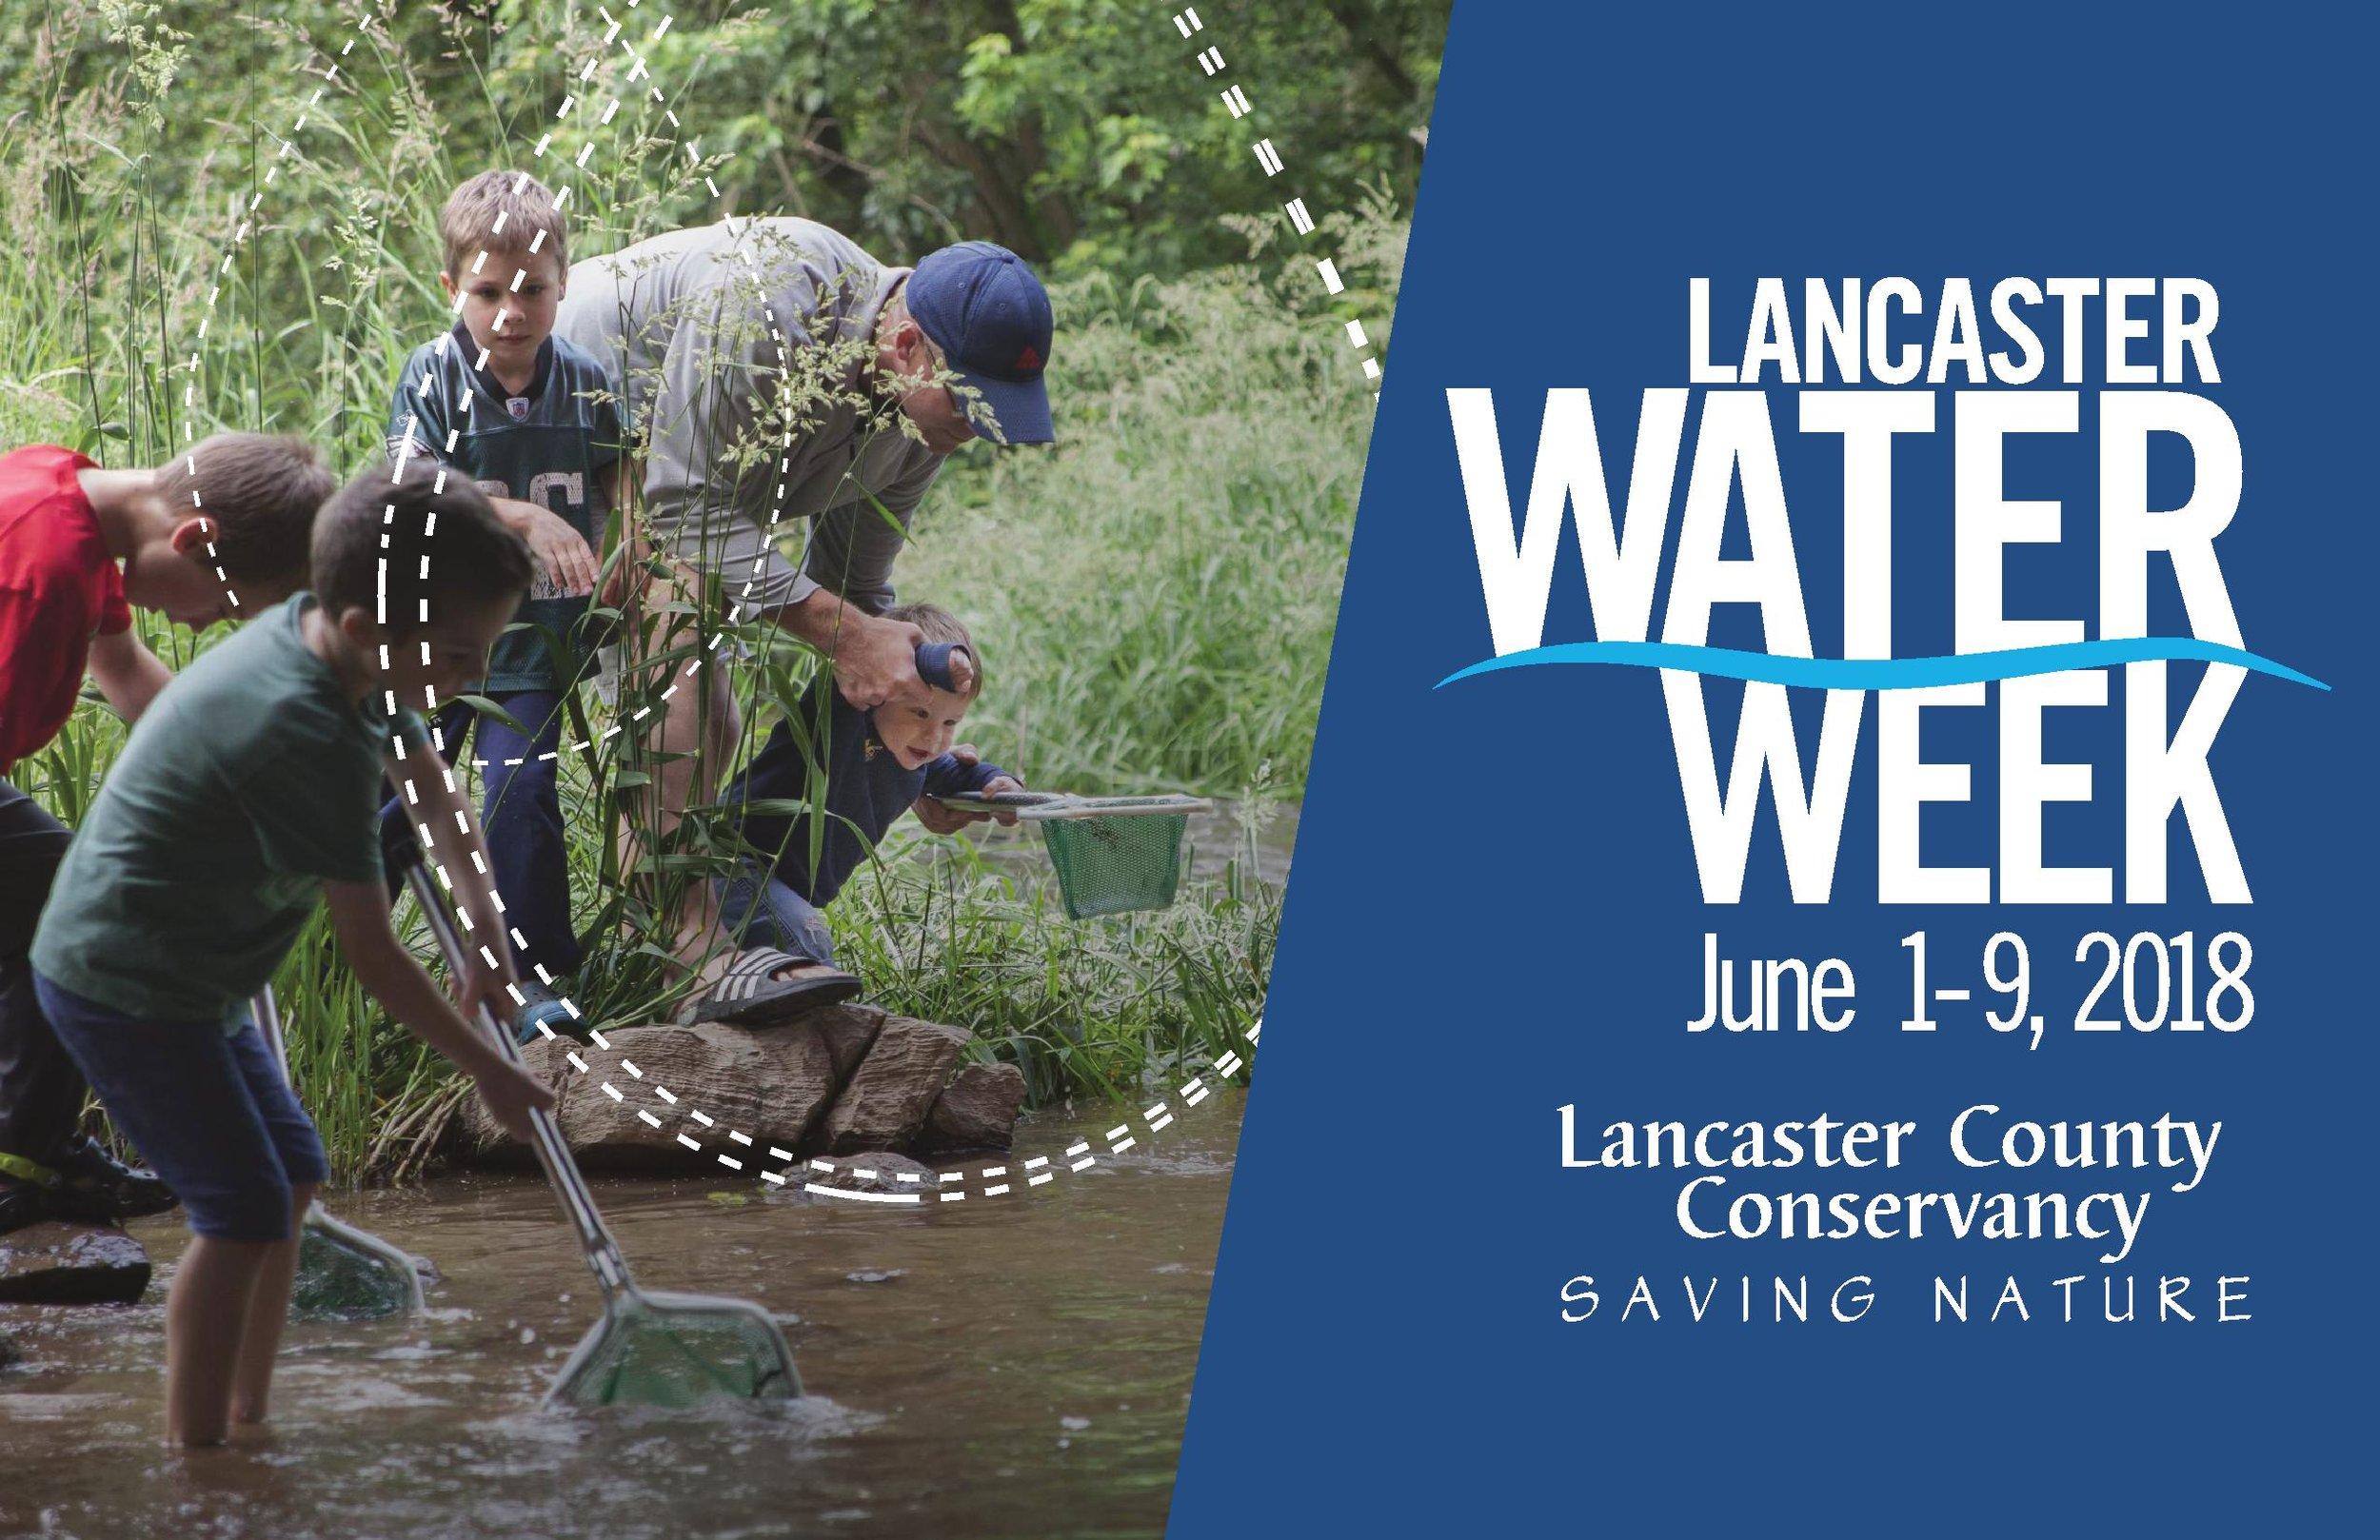 LancWaterWeek_June 1-9 2018.jpg